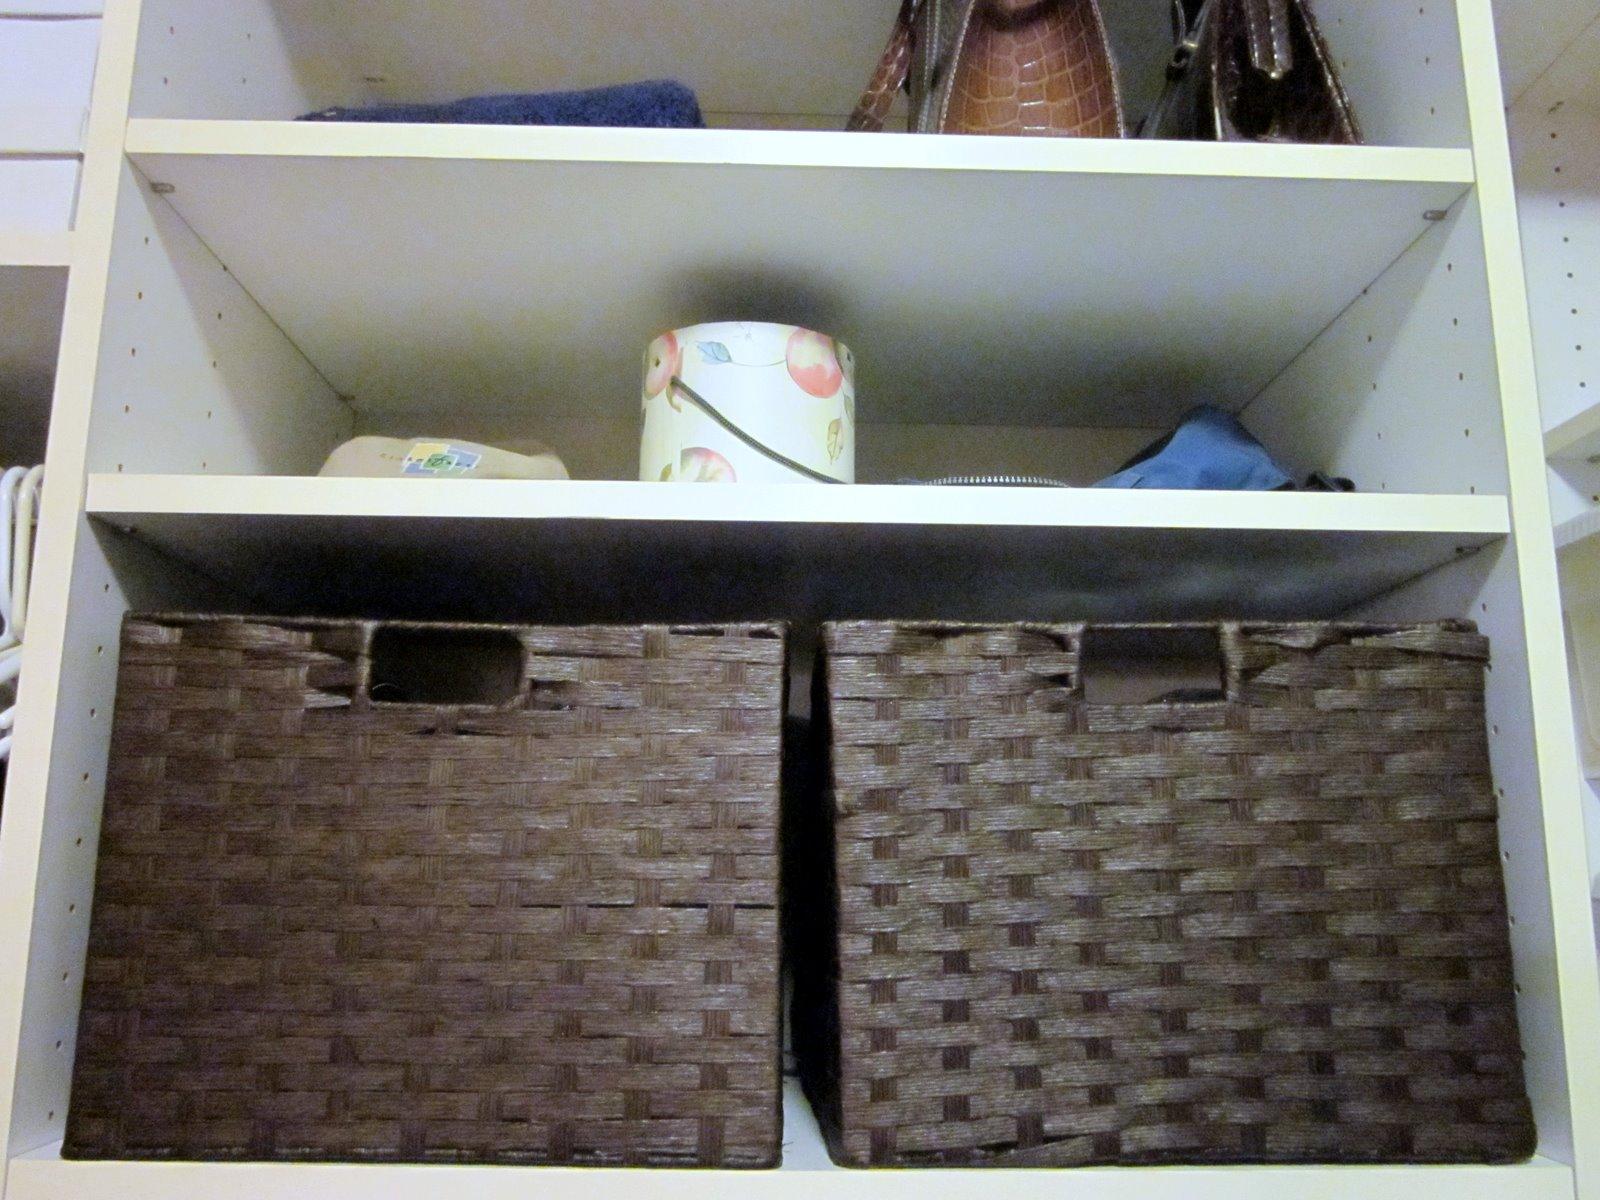 Organized Closet, Diy Design Fanatic, Diy, Organization, Baskets